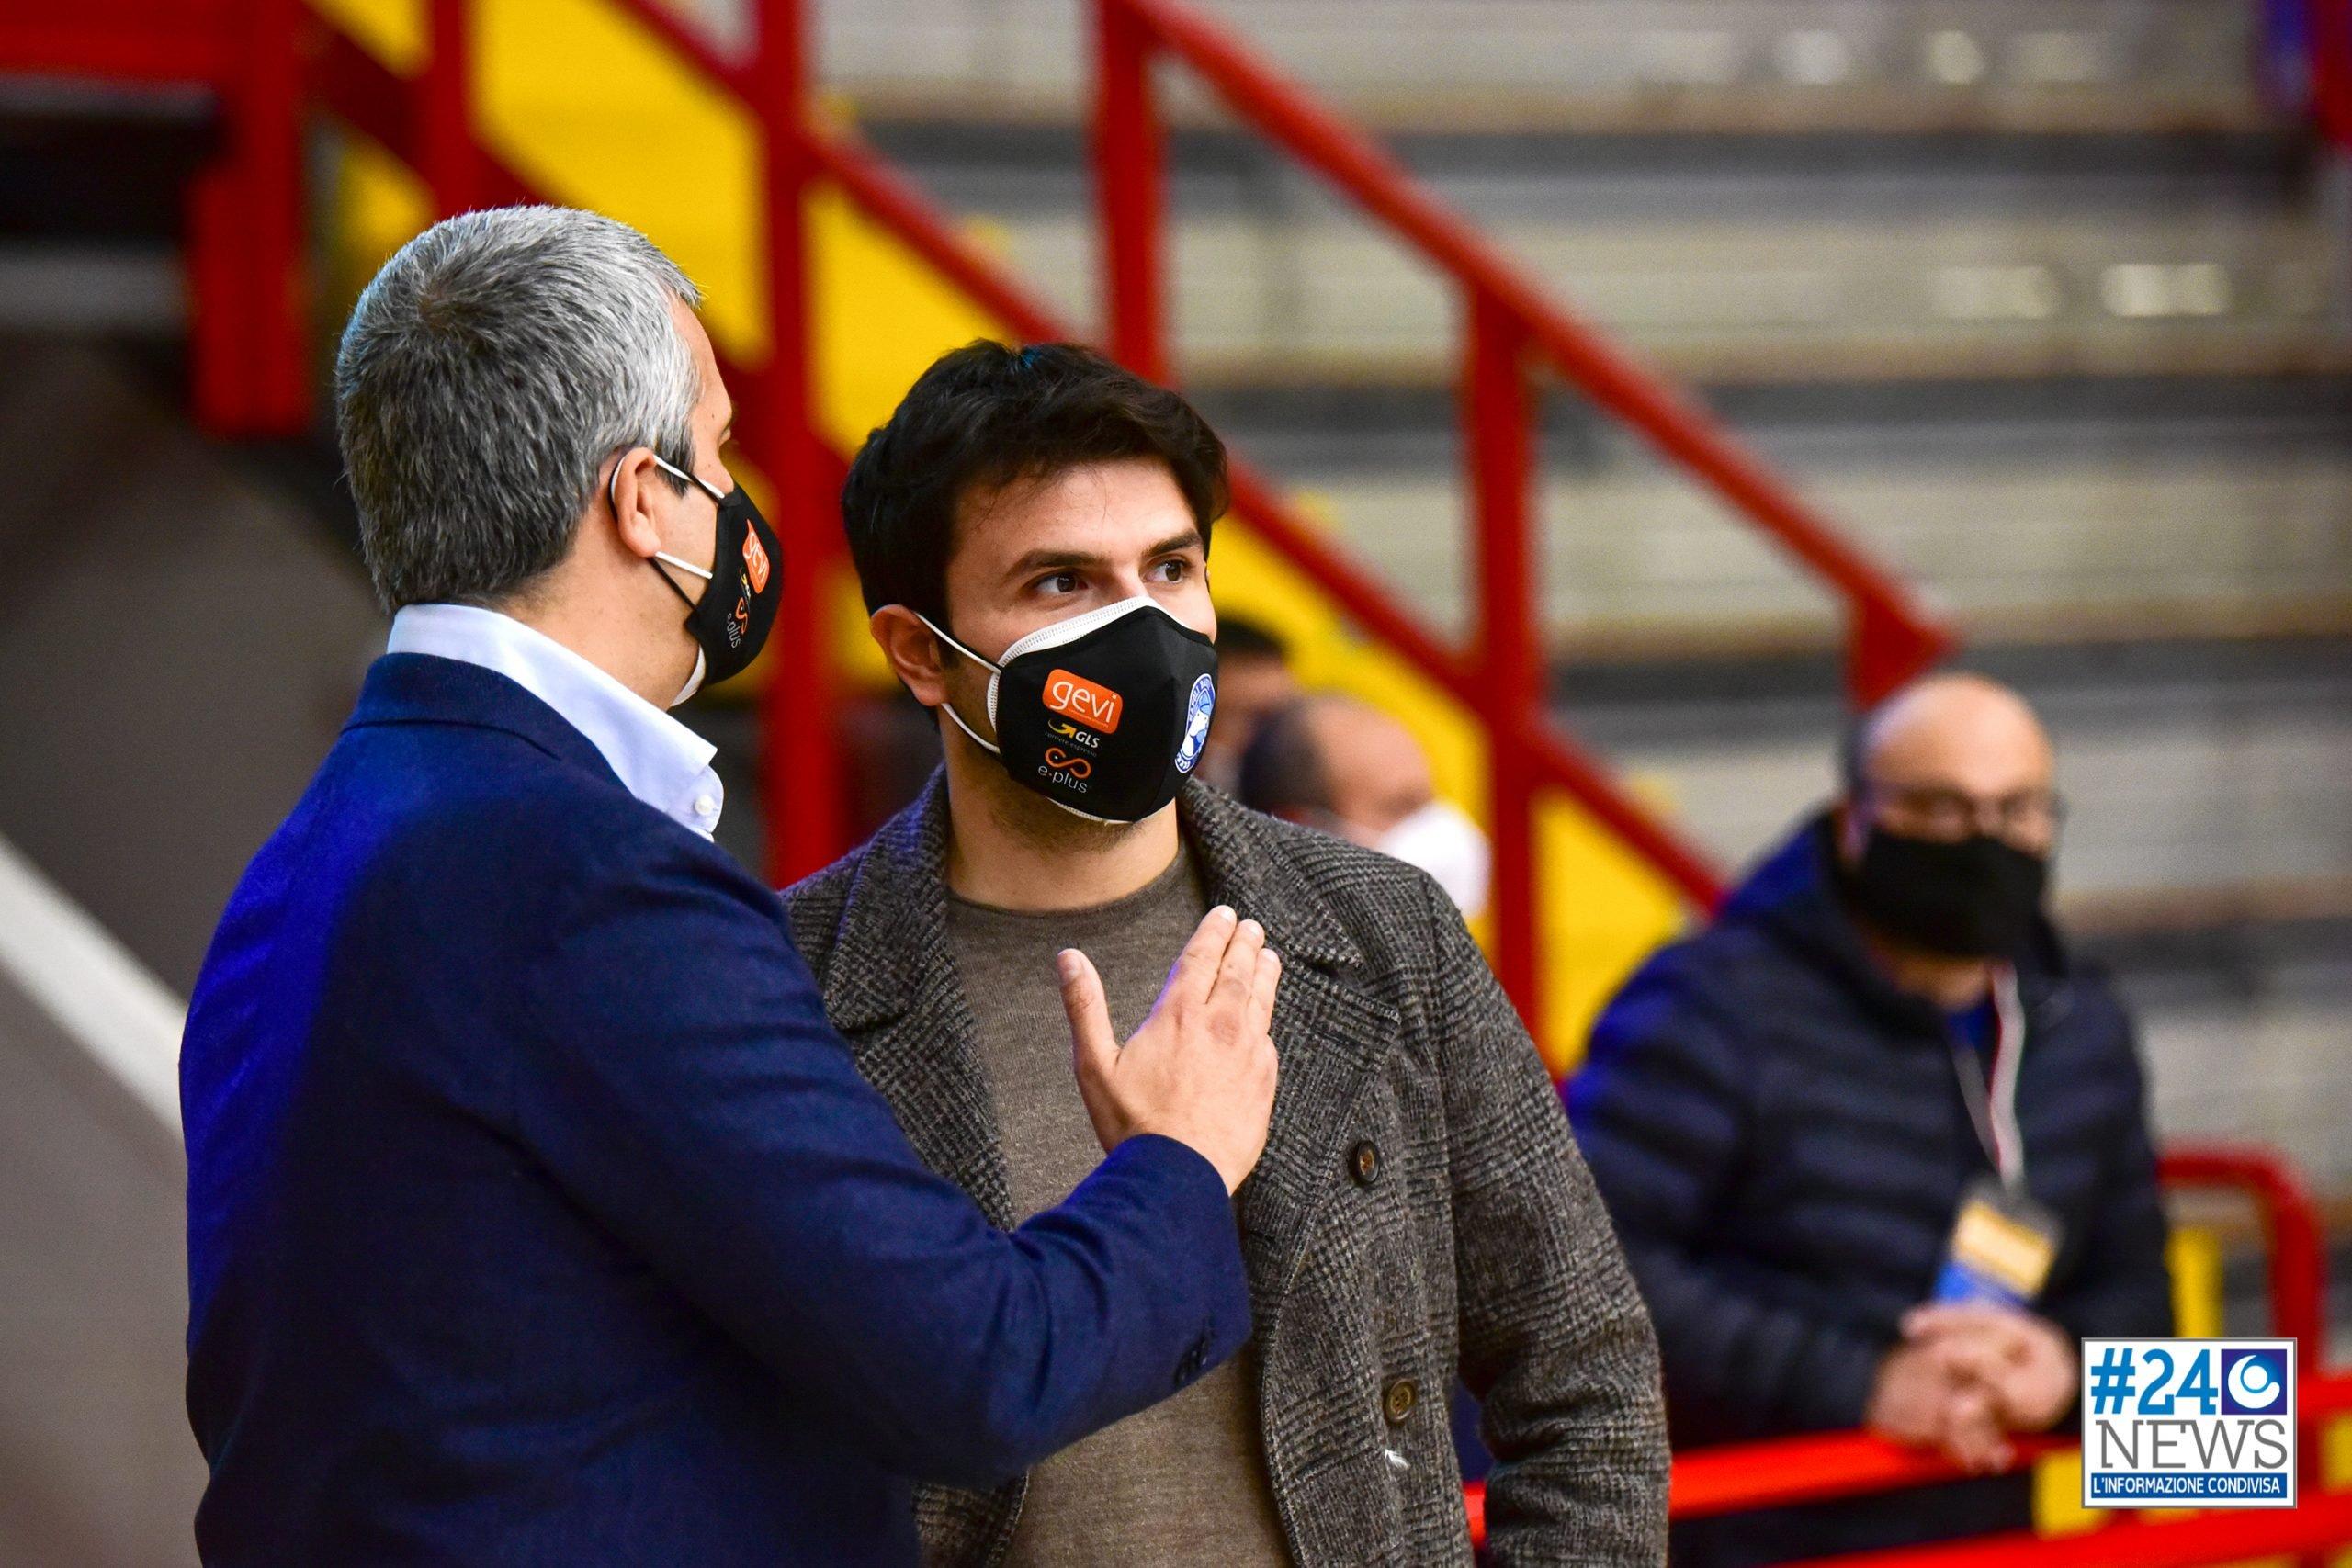 Sarà ancora GeVi Napoli, confermato il title sponsor. Mercato: Ipotesi Sean Armand?